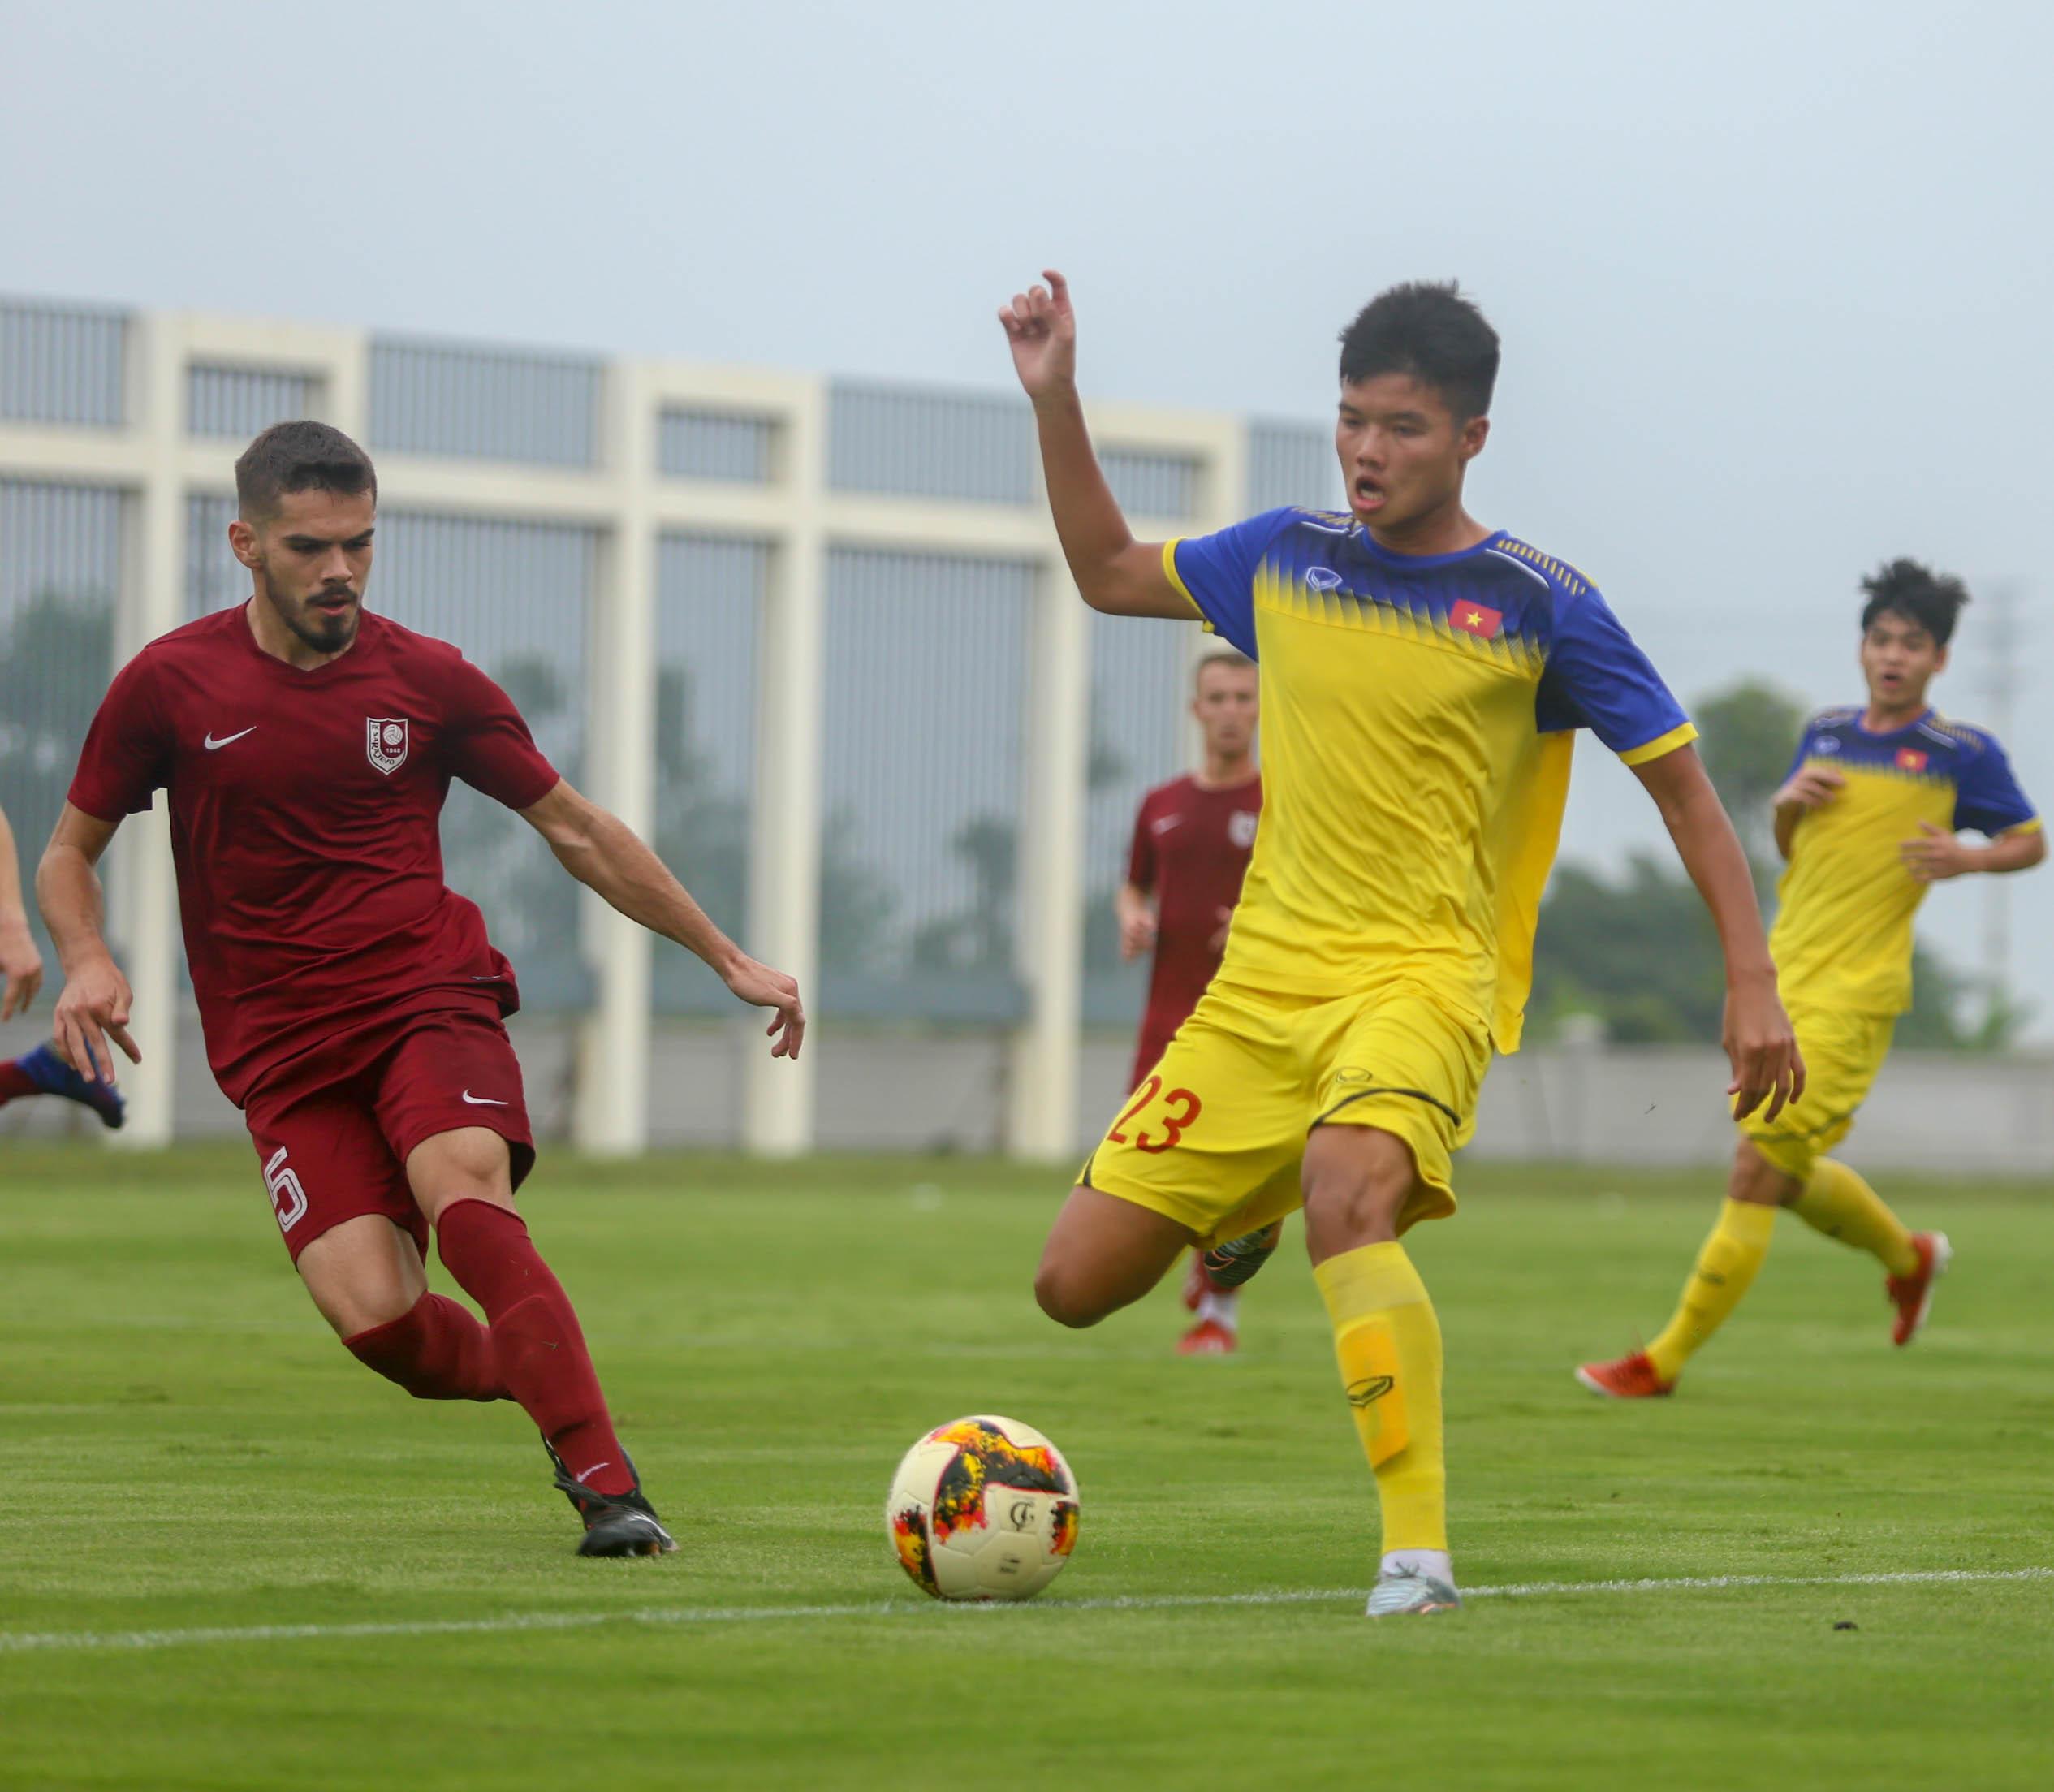 Thi đấu giao hữu, U19 Việt Nam – U19 FK Sarajevo 2-1